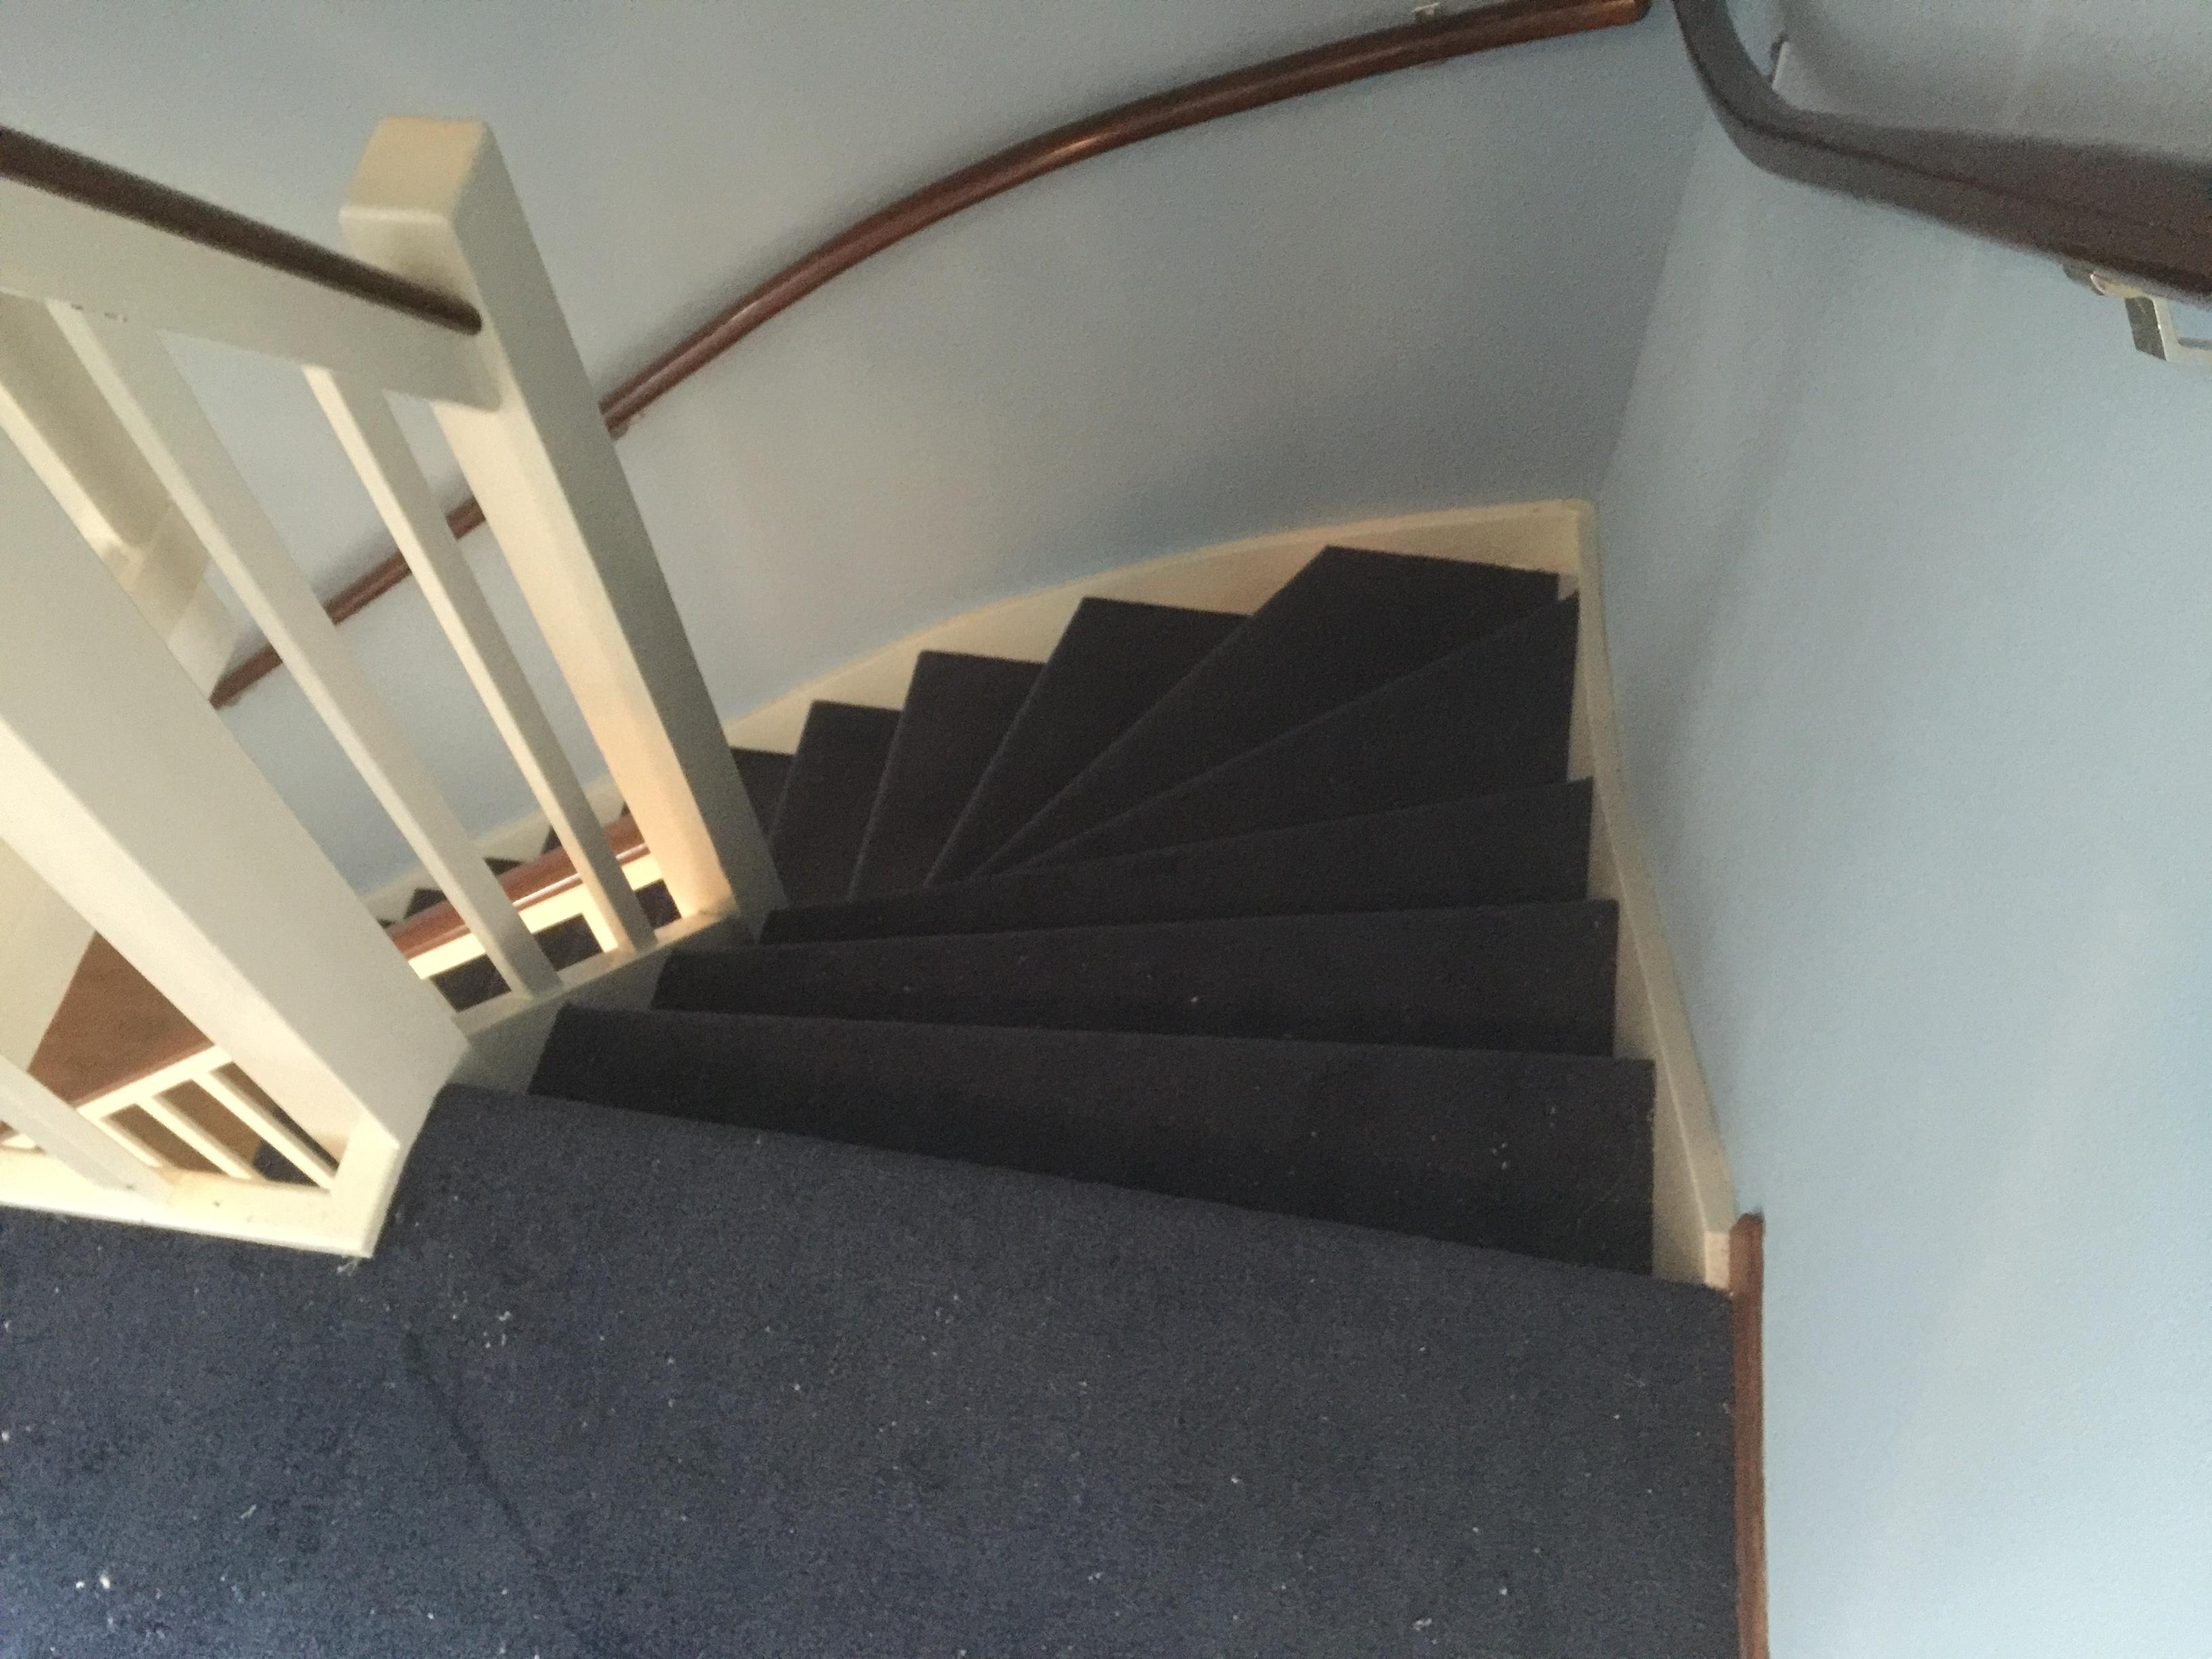 Trap Tapijt Leggen : Vloer leggen groningen tapijthal pvc laminaat vinyl